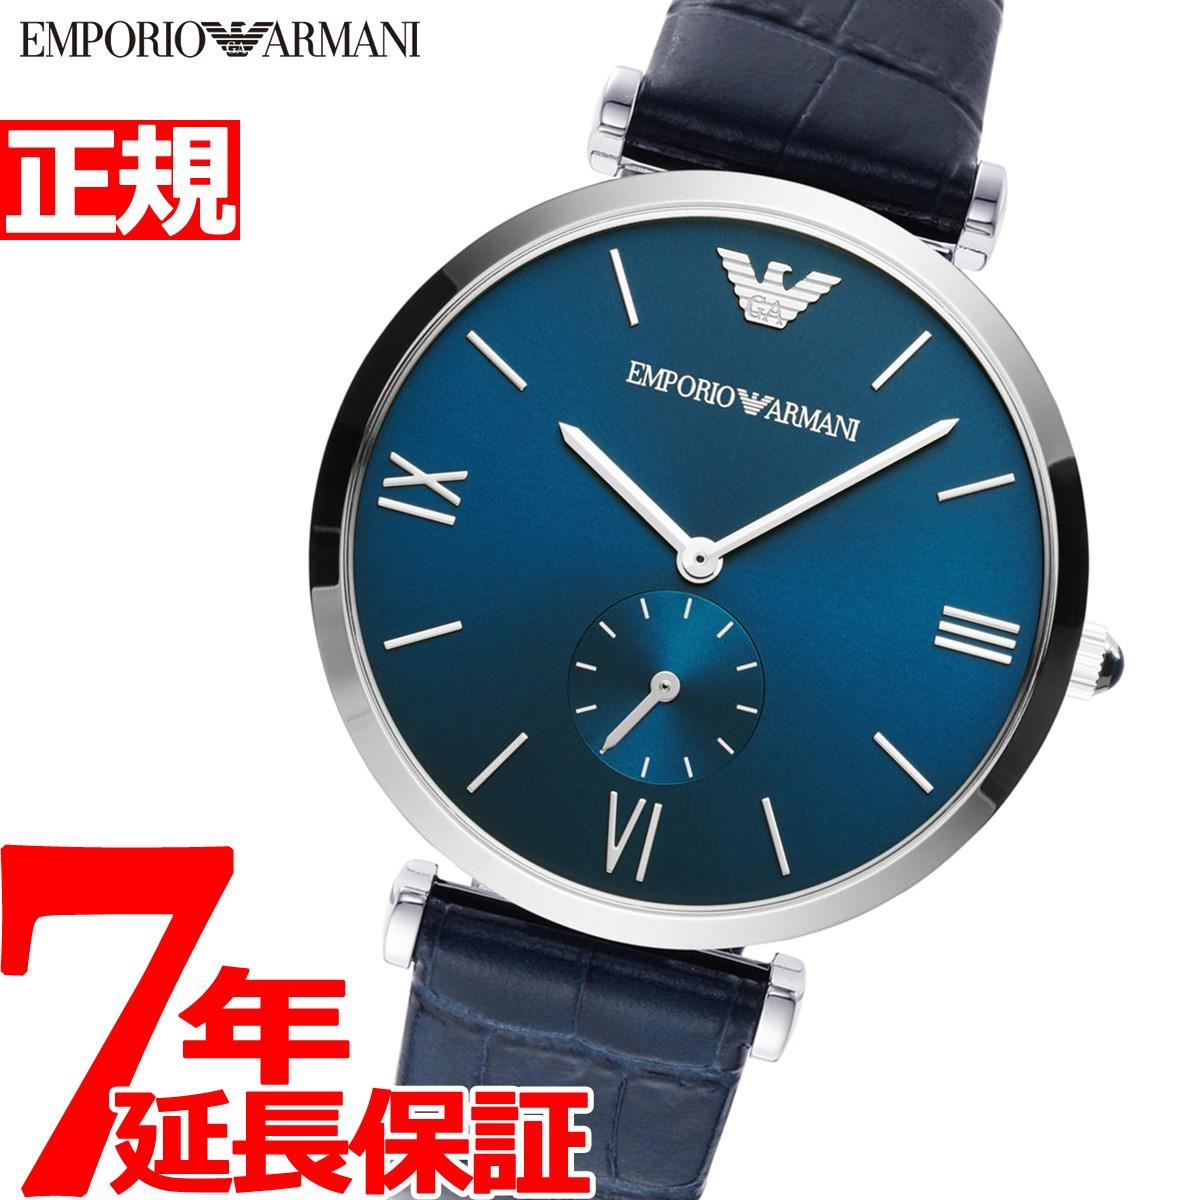 【5日0時~♪10%OFFクーポン&店内ポイント最大51倍!5日23時59分まで】エンポリオアルマーニ EMPORIO ARMANI 腕時計 メンズ AR11300【2020 新作】